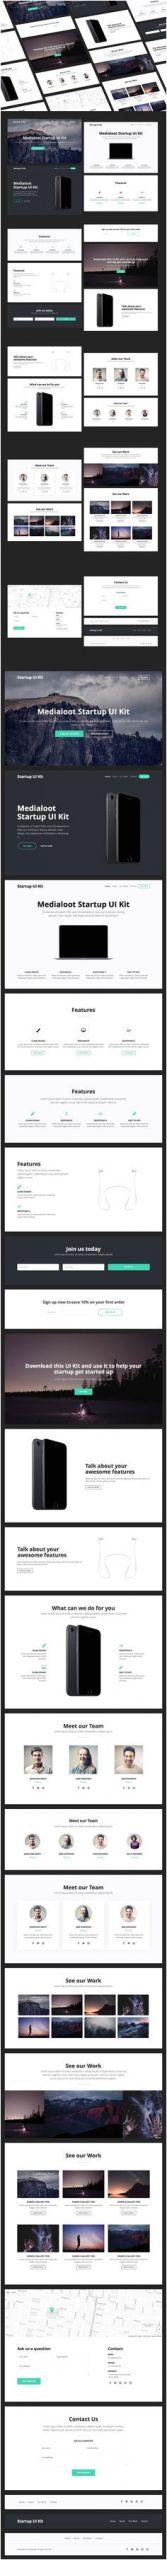 64509bd0faef061111a212653d63d005 ui kit startups jpg